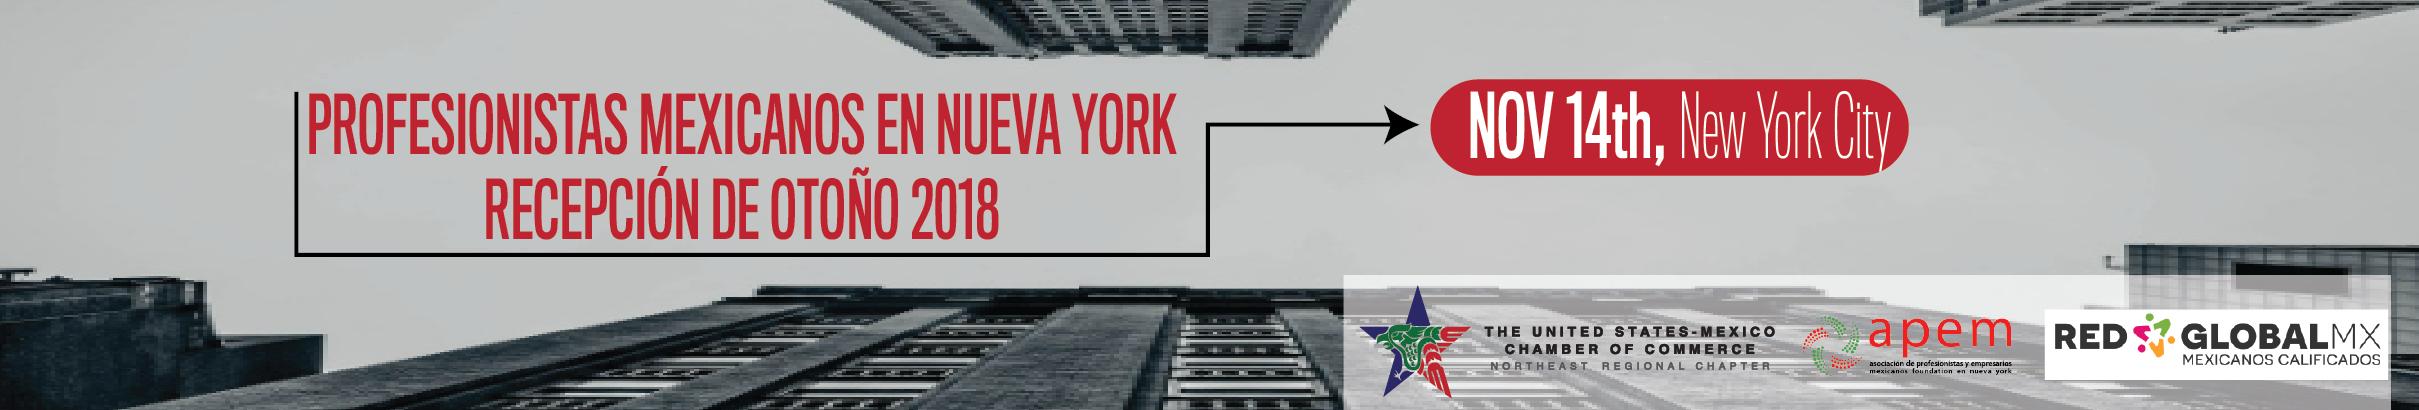 Profesionistas Mexicanos en Nueva York: Recepción de Otoño 2018